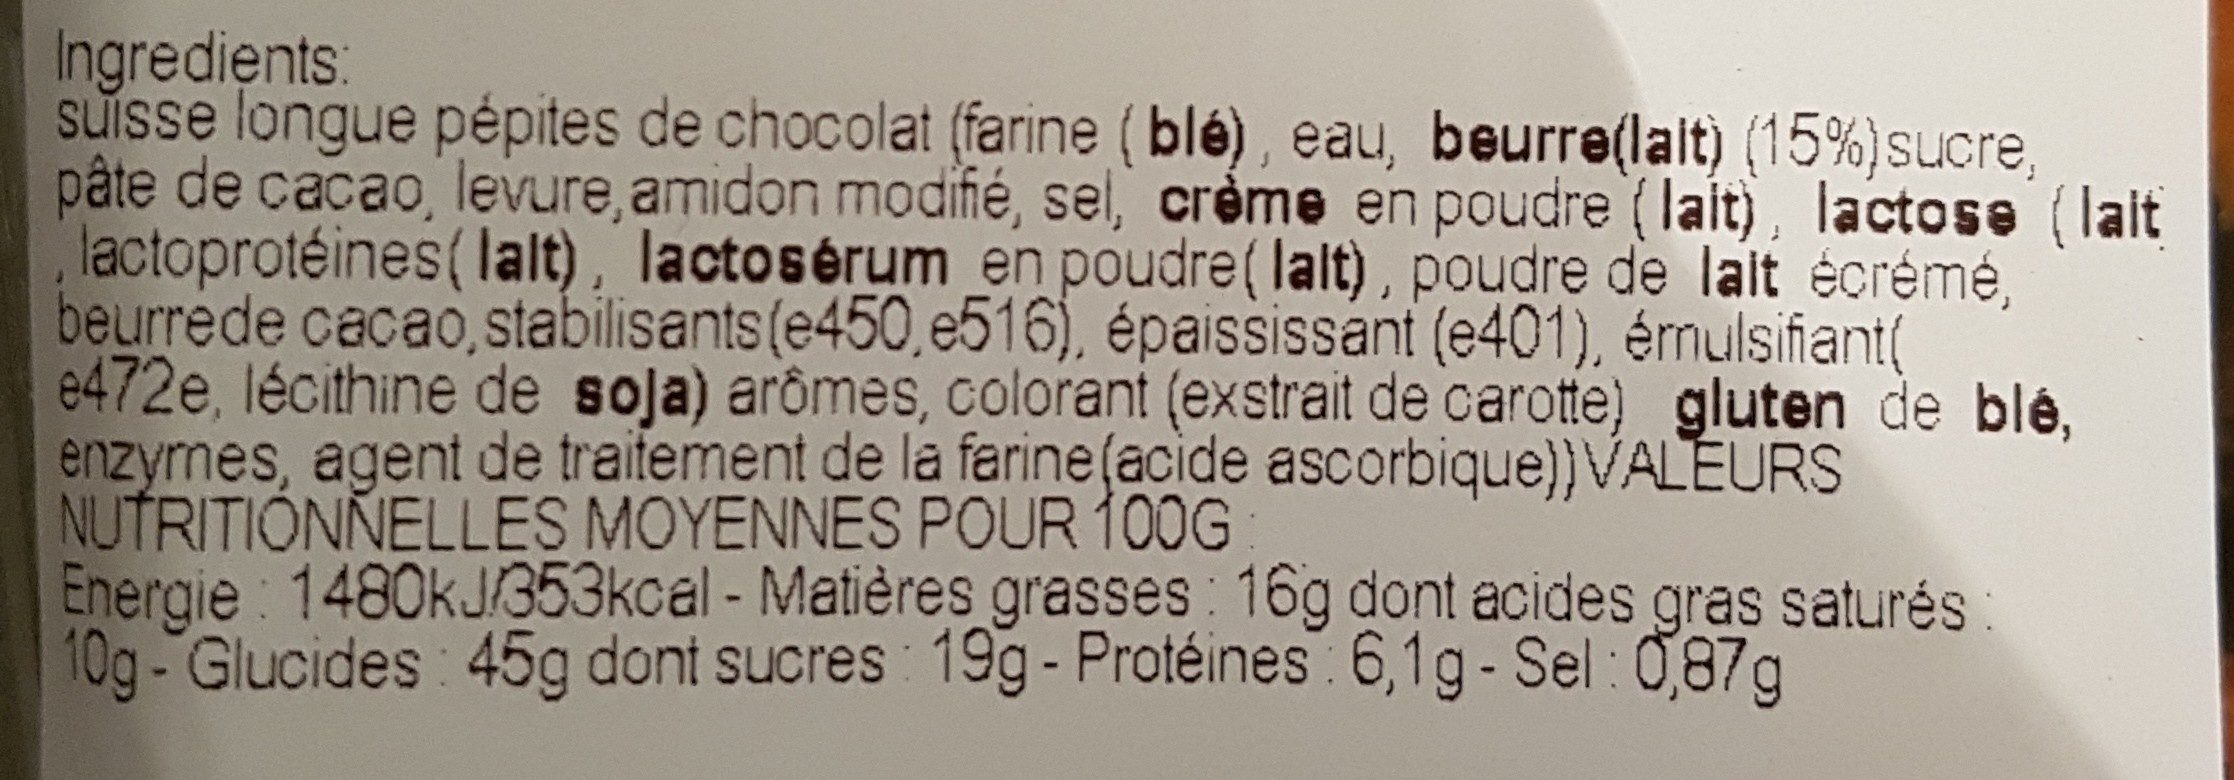 Suisses longues x4 pépites chocolat - Ingrédients